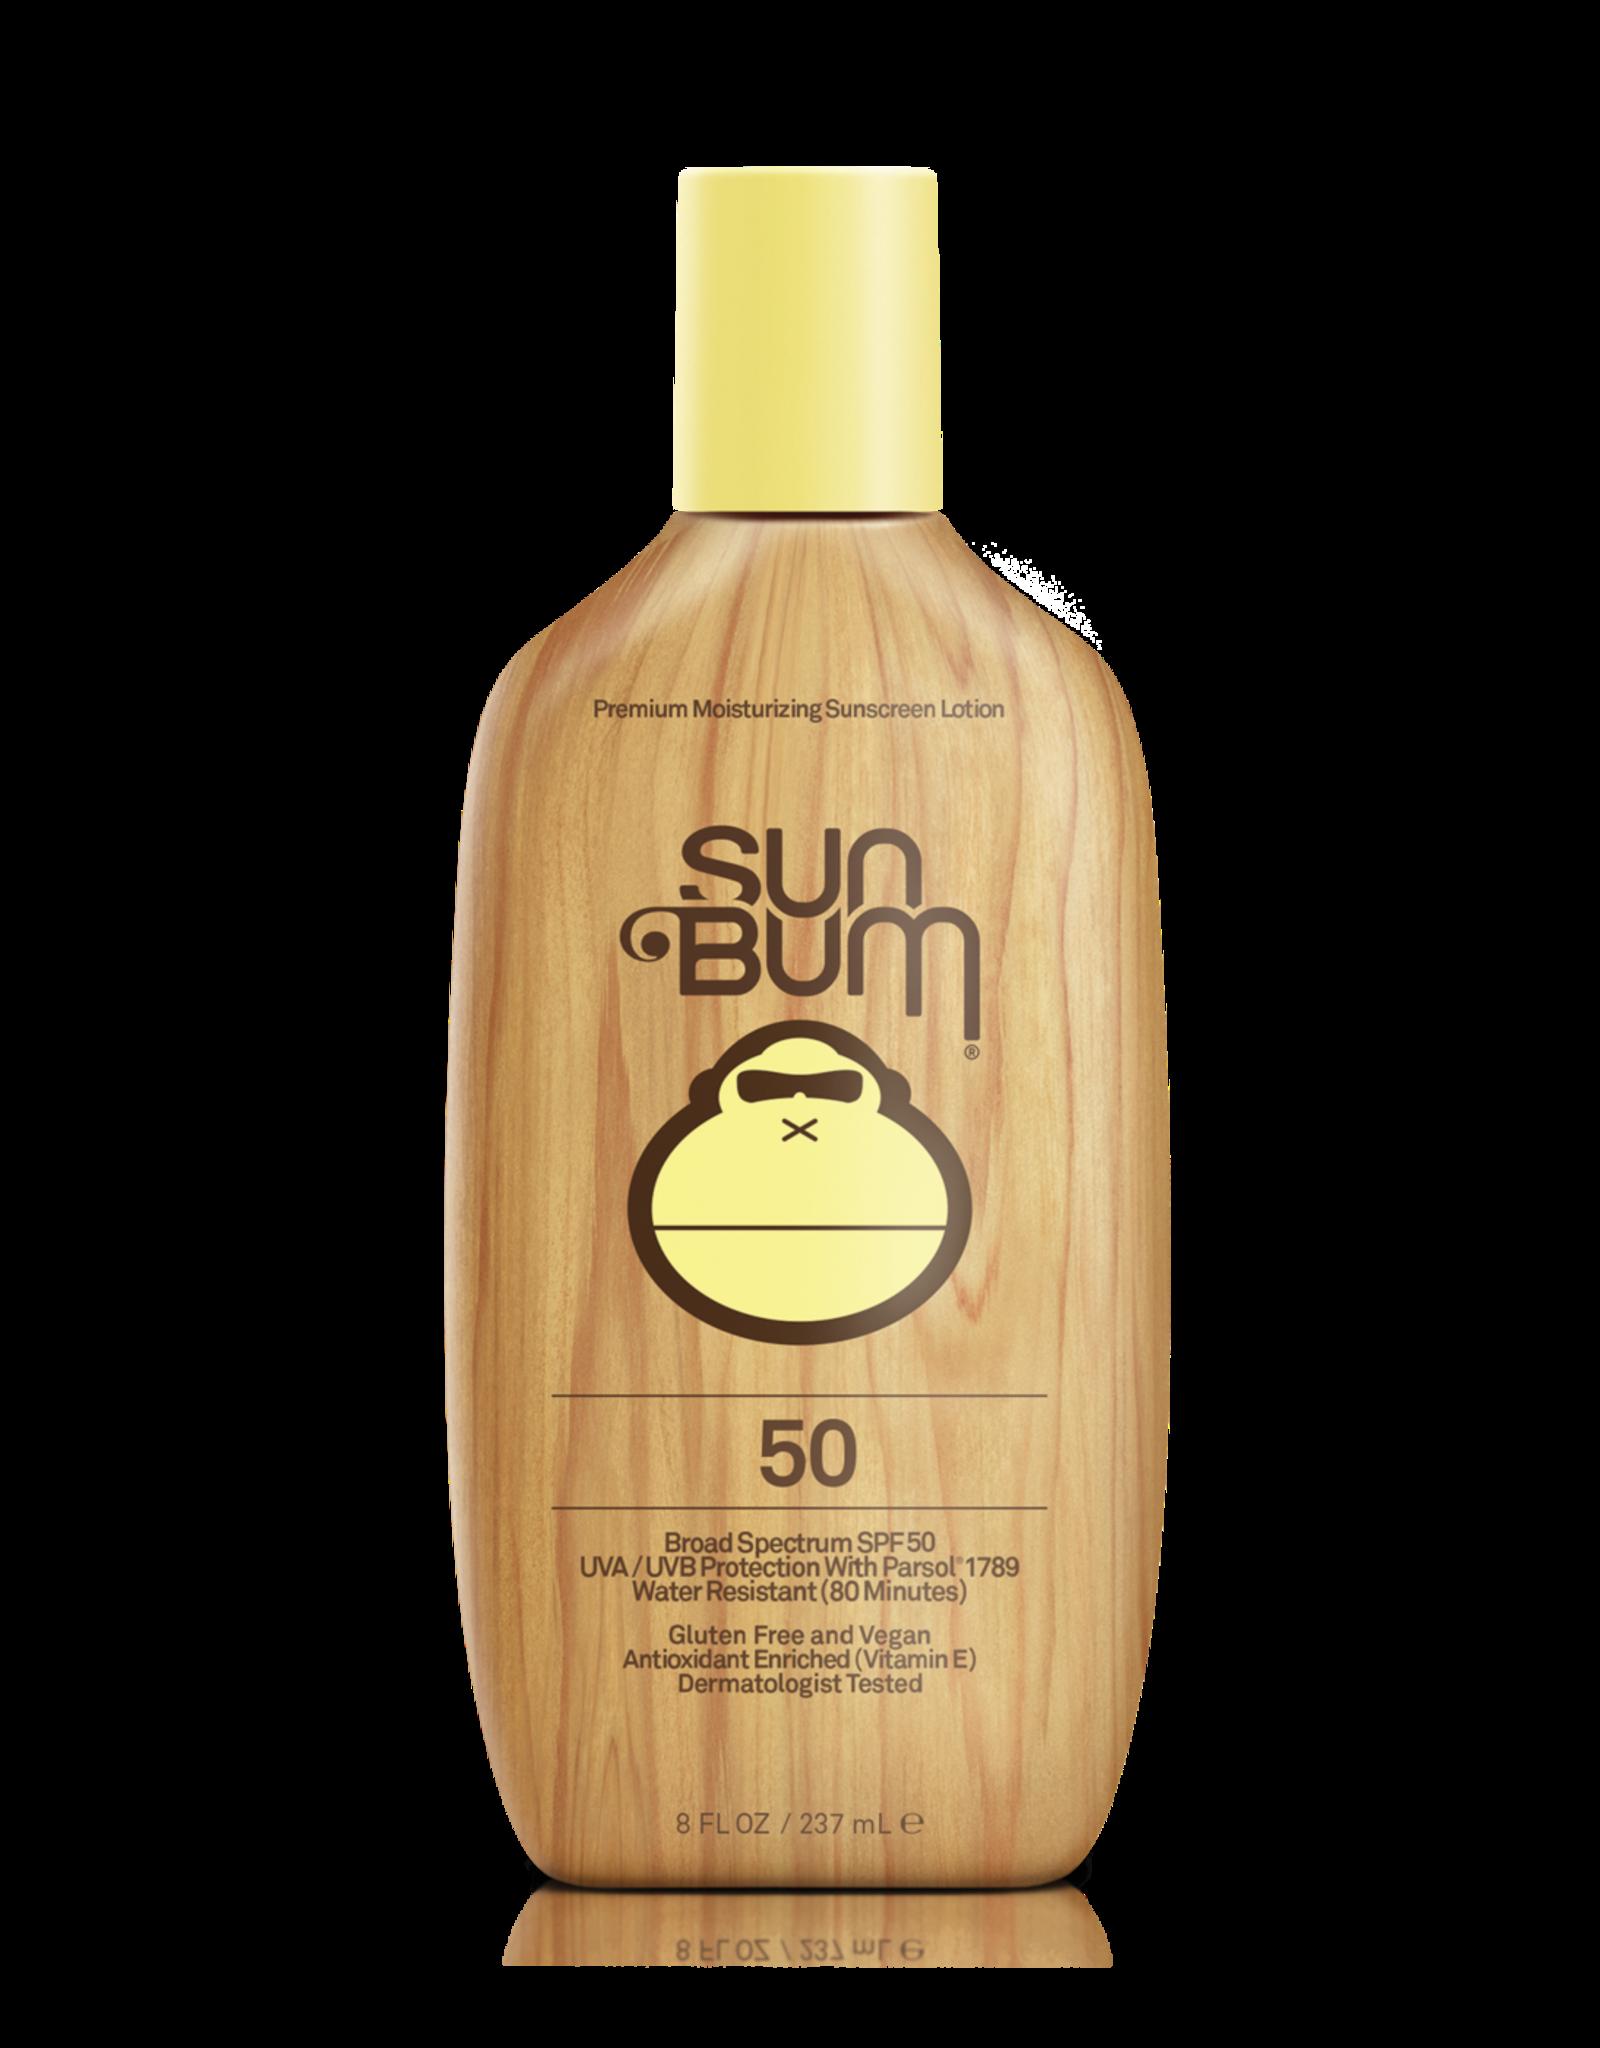 Sun Bum SPF 50 Sunscreen Lotion